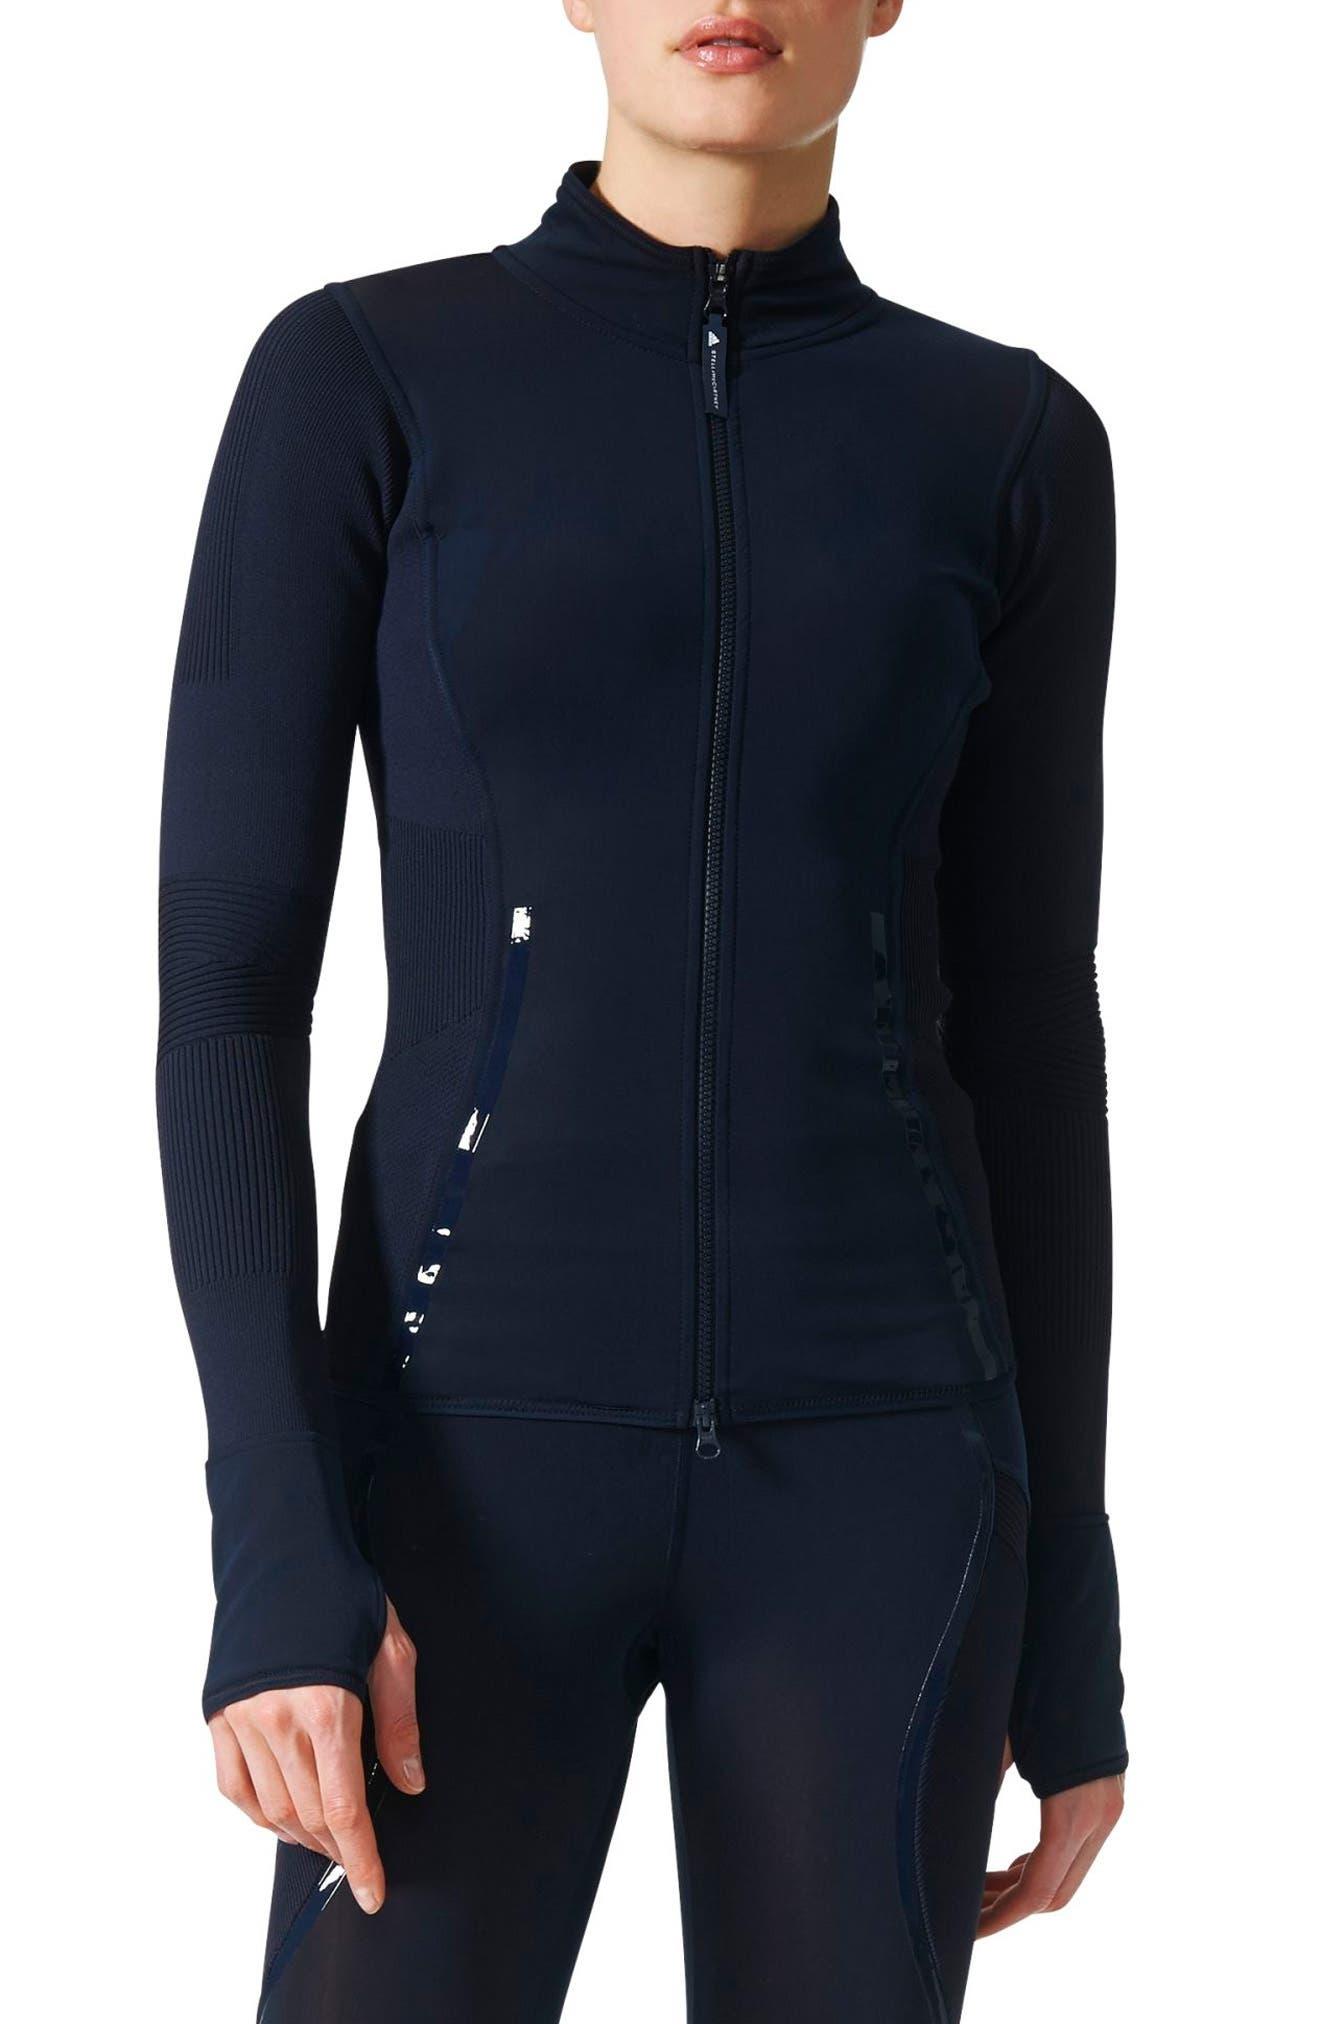 adidas by Stella McCartney Run Knit Mix Mid Layer Jacket